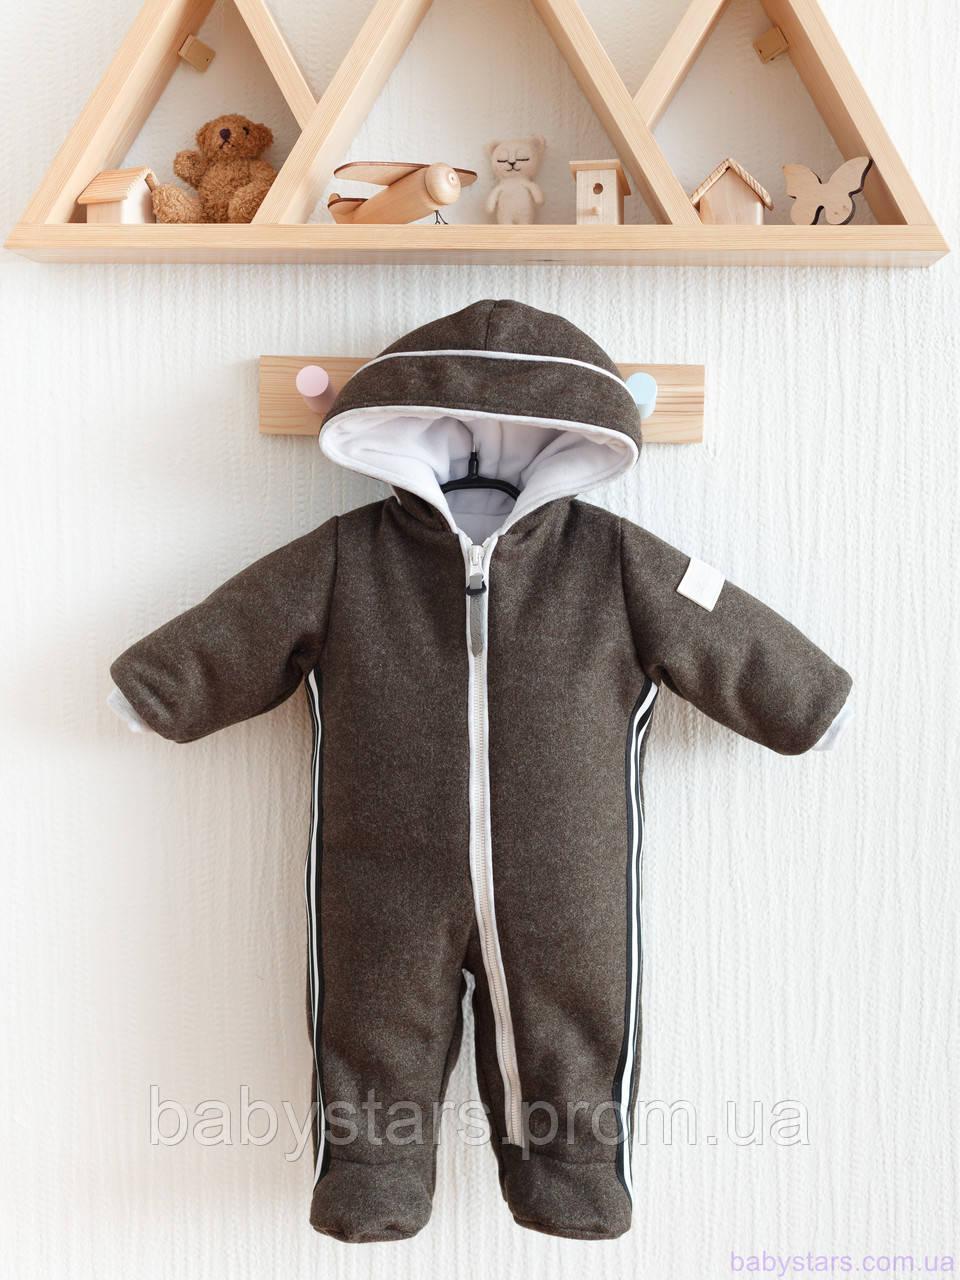 Кашемировый комбинезон детский зимний для новорожденных, хаки